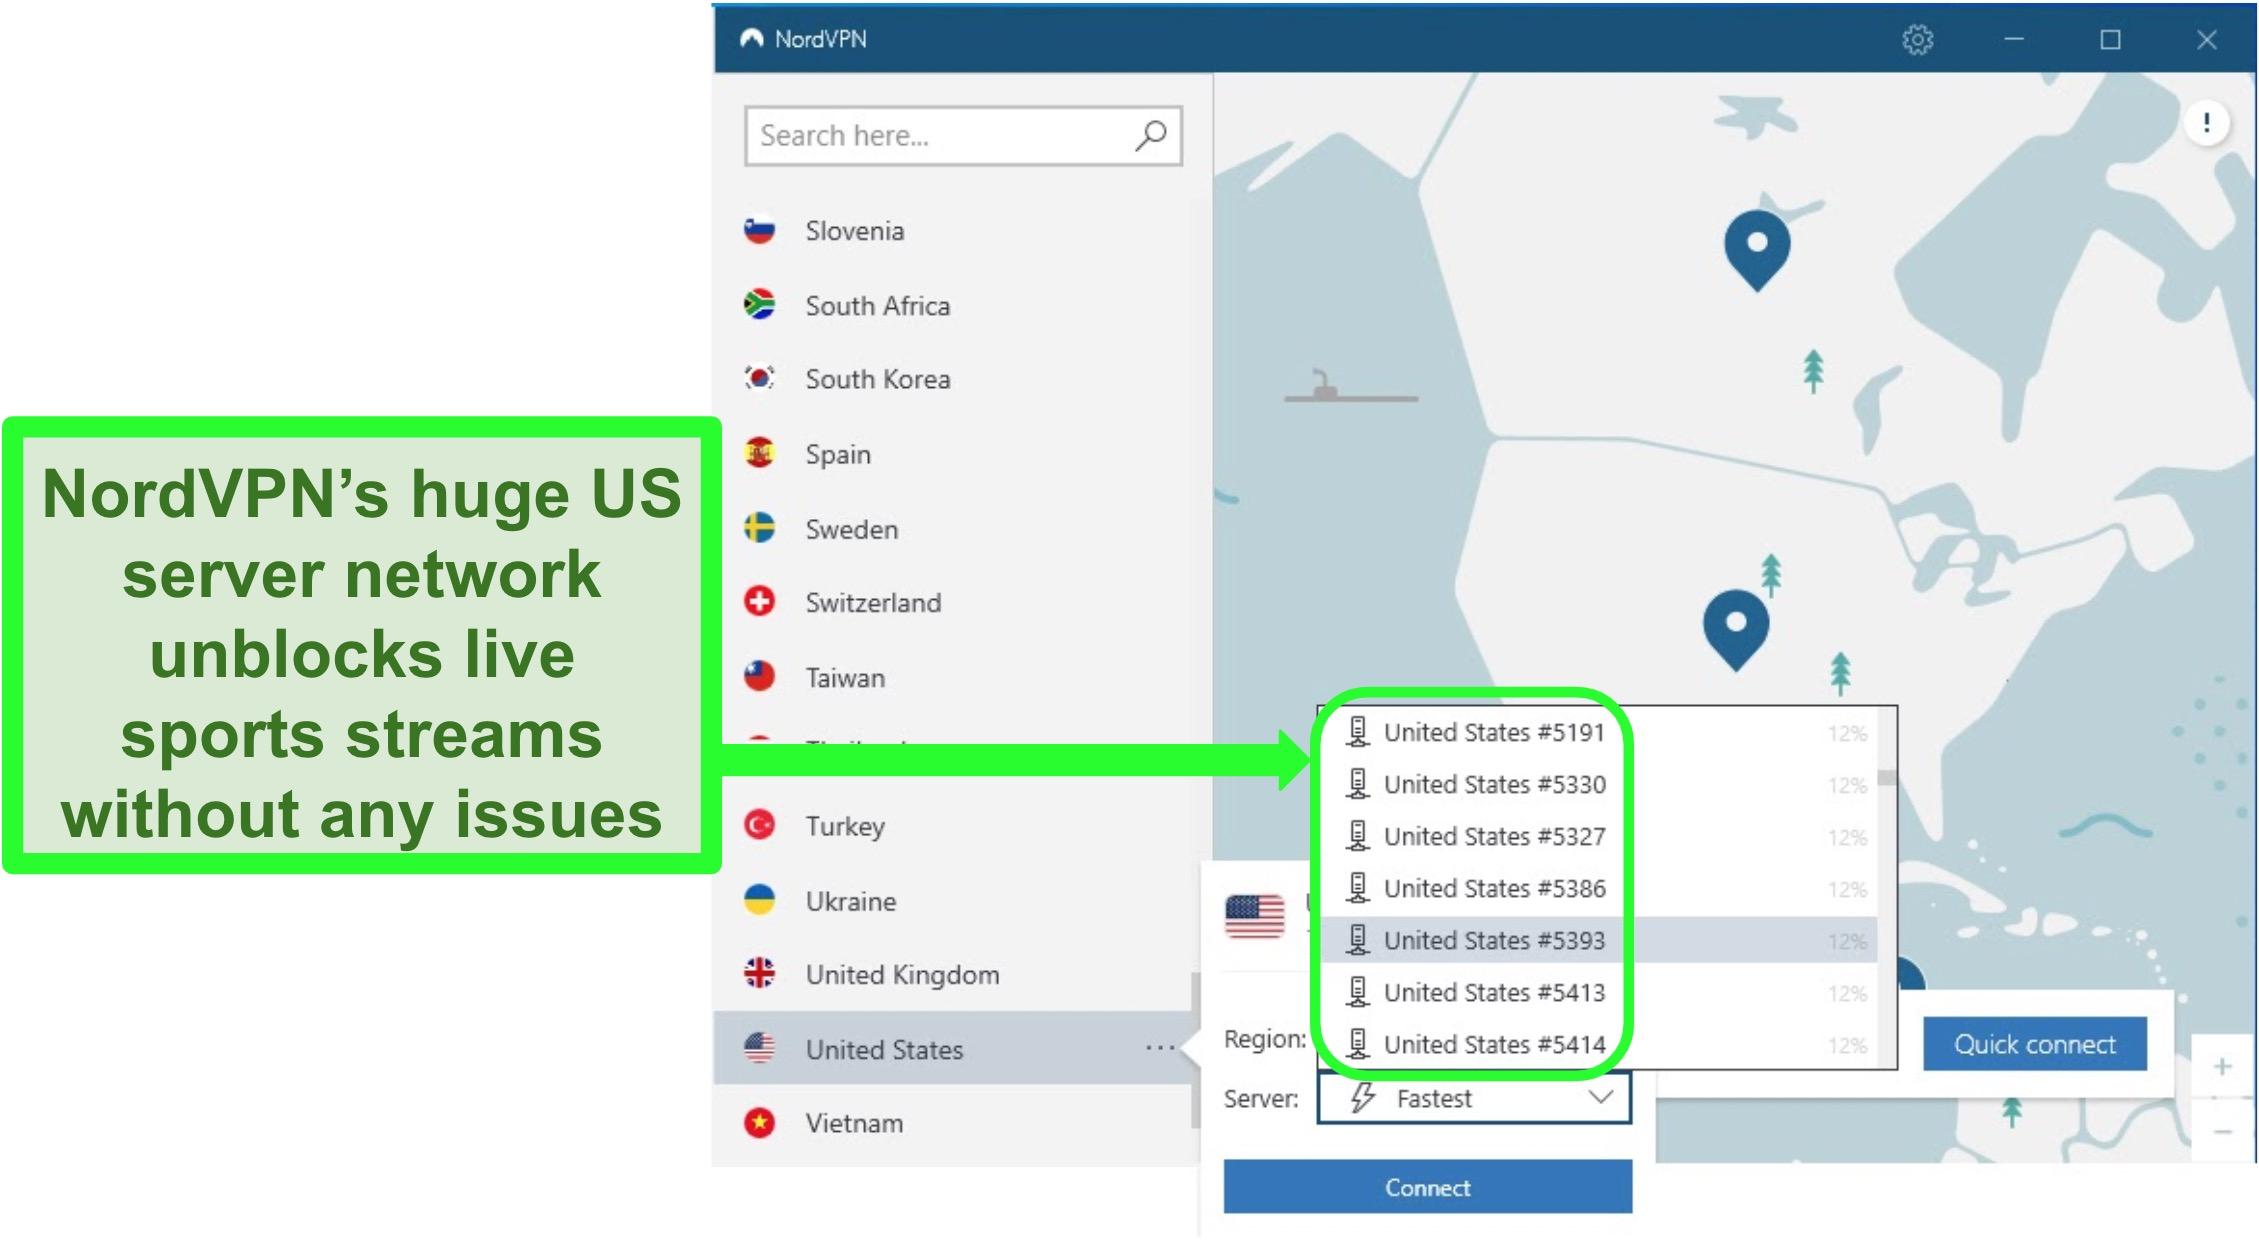 Screenshot of NordVPN's US server options